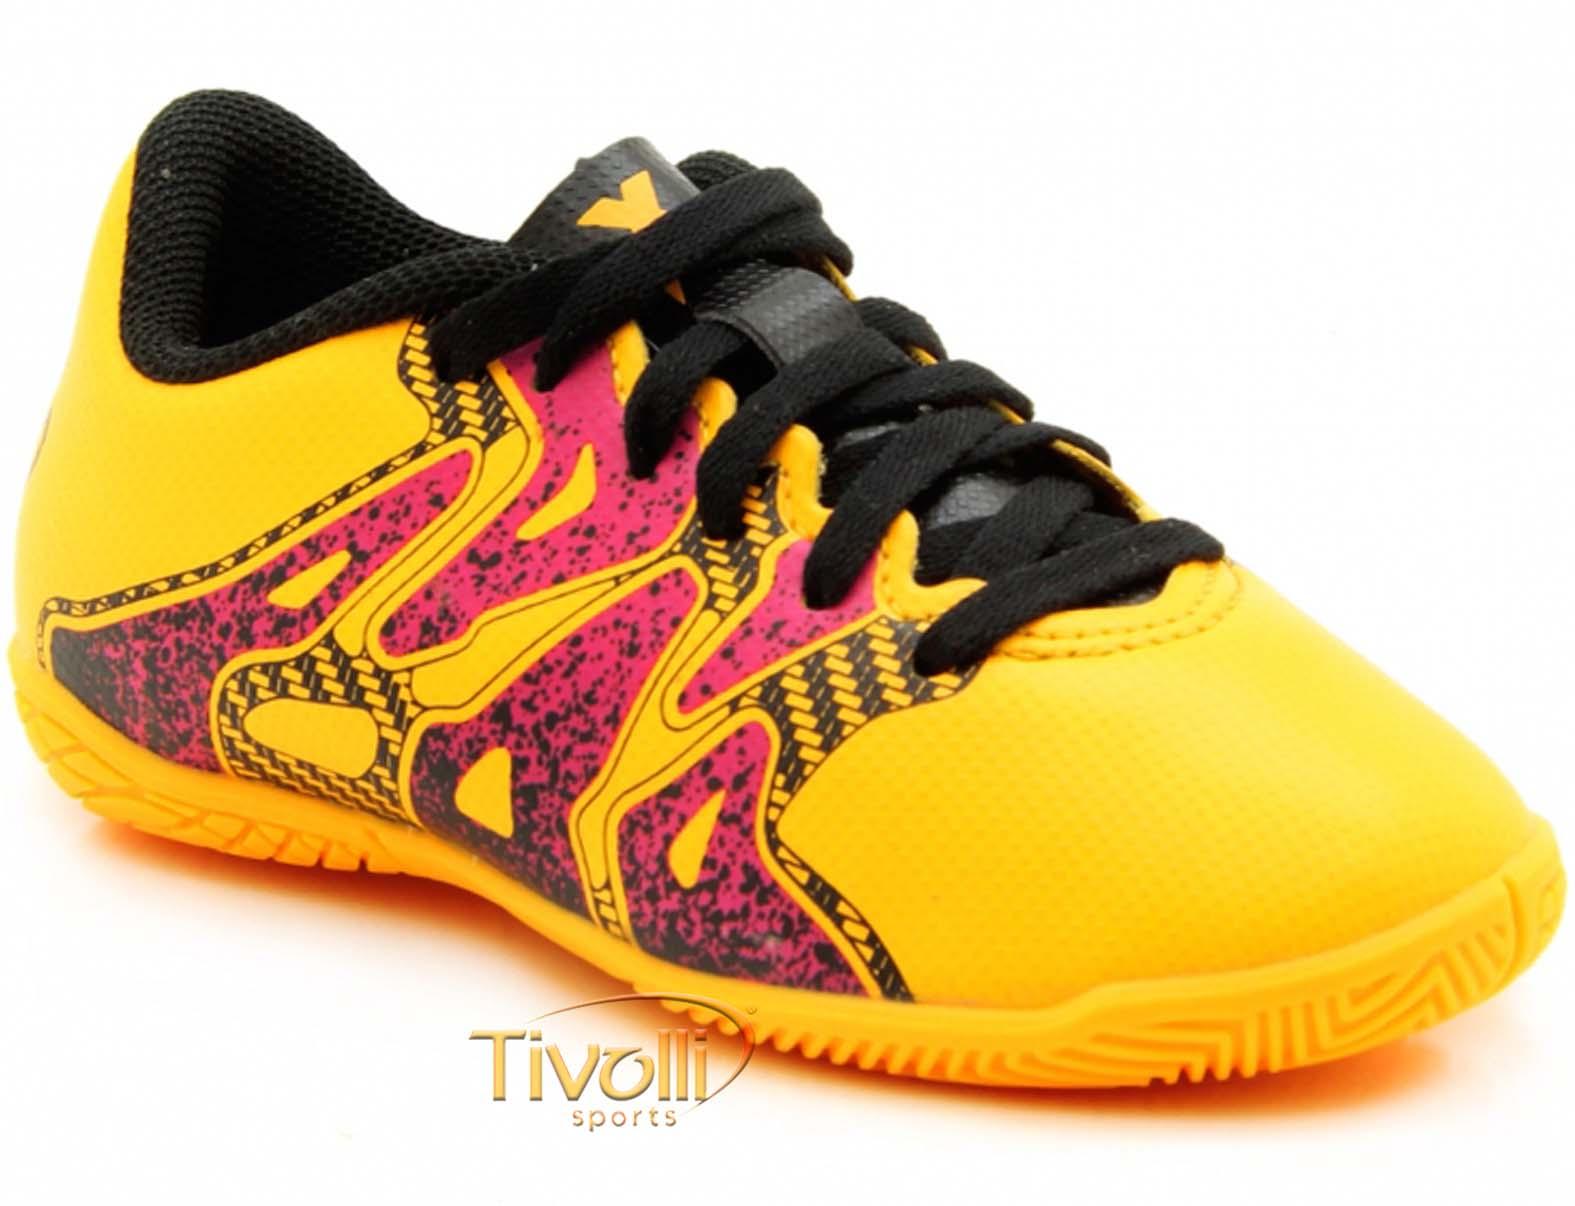 Chuteira Adidas X 15.4 Futsal Infantil     6a6d6b0d754e9